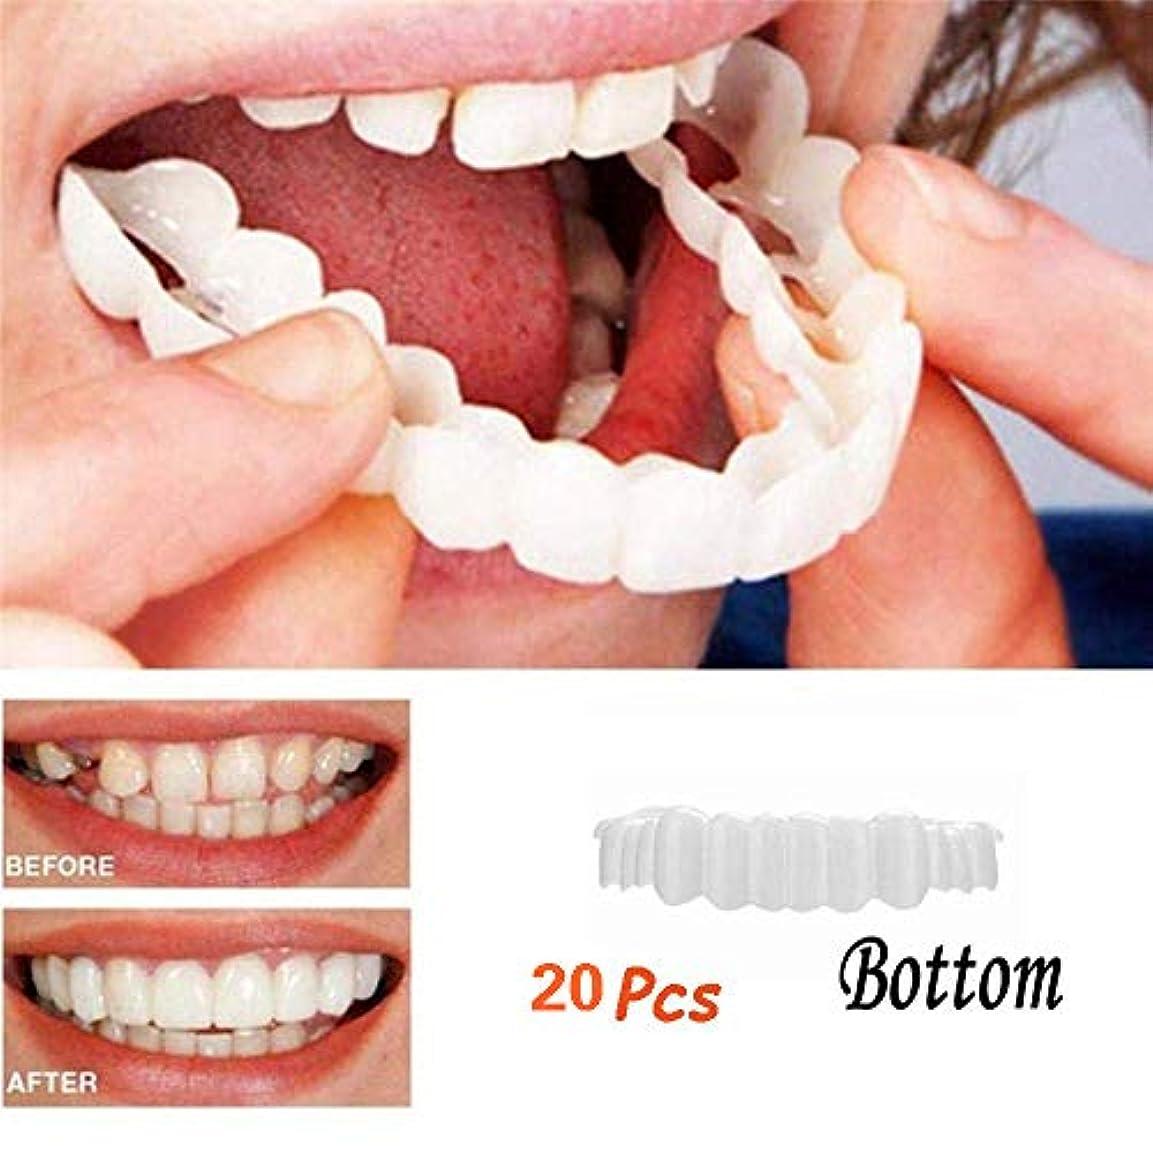 タイト周囲機関車20ピースボトム化粧品歯コンフォートフィットフレックス化粧品歯コーブ義歯歯のホワイトニングスナップオンインスタント笑顔サイズフィット